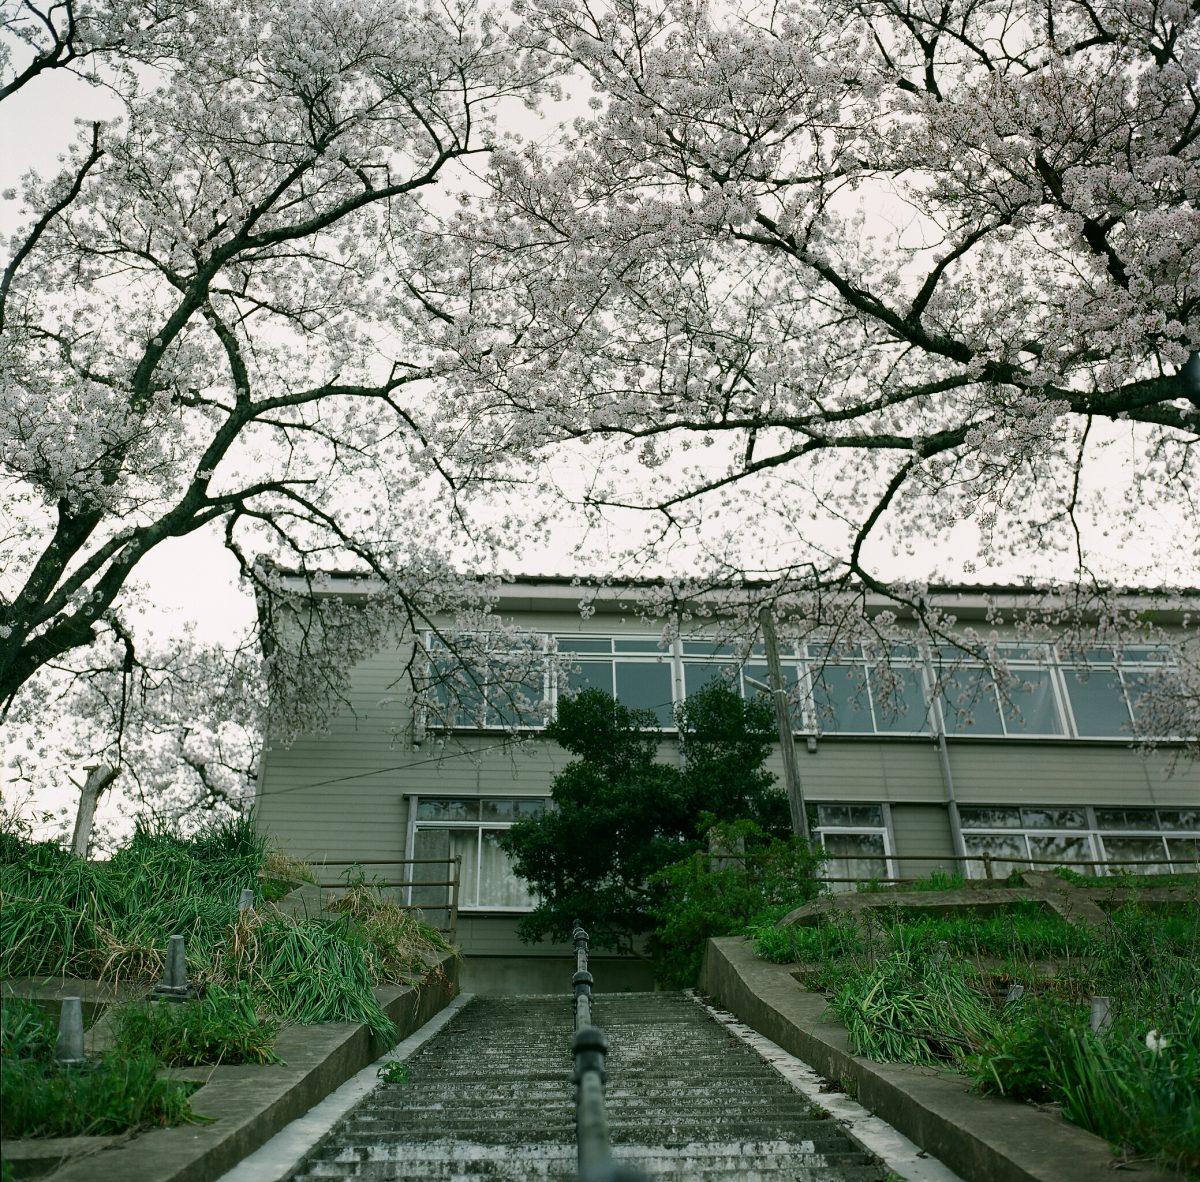 2018.4.4【桜】与謝郡伊根町